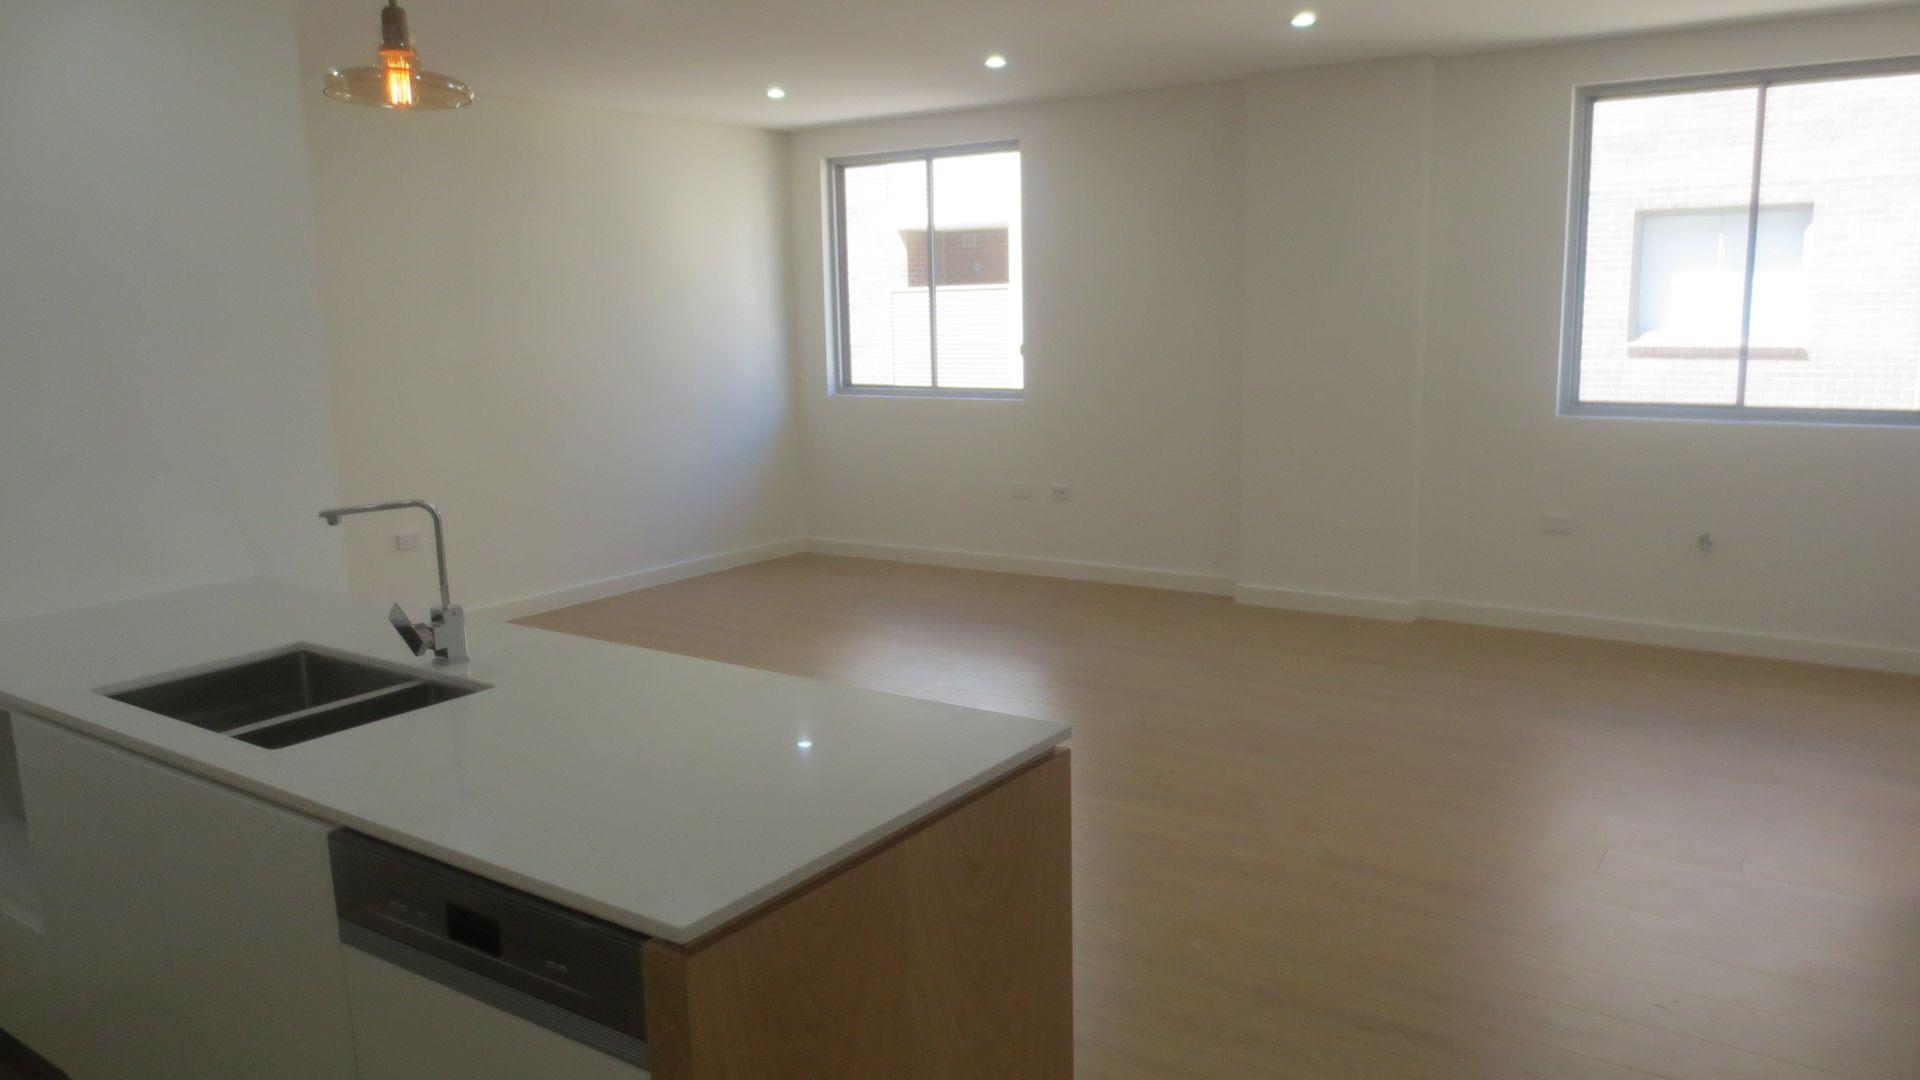 5/7 Chapman Avenue, Beecroft NSW 2119, Image 1